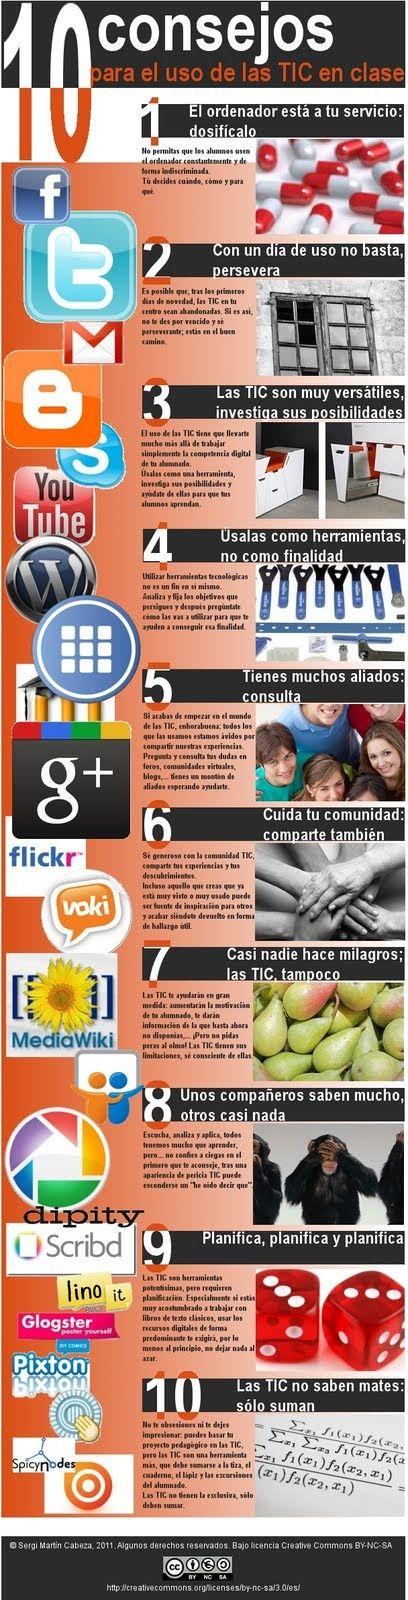 Contar con TIC: 10 consejos para el uso de las TIC en clase